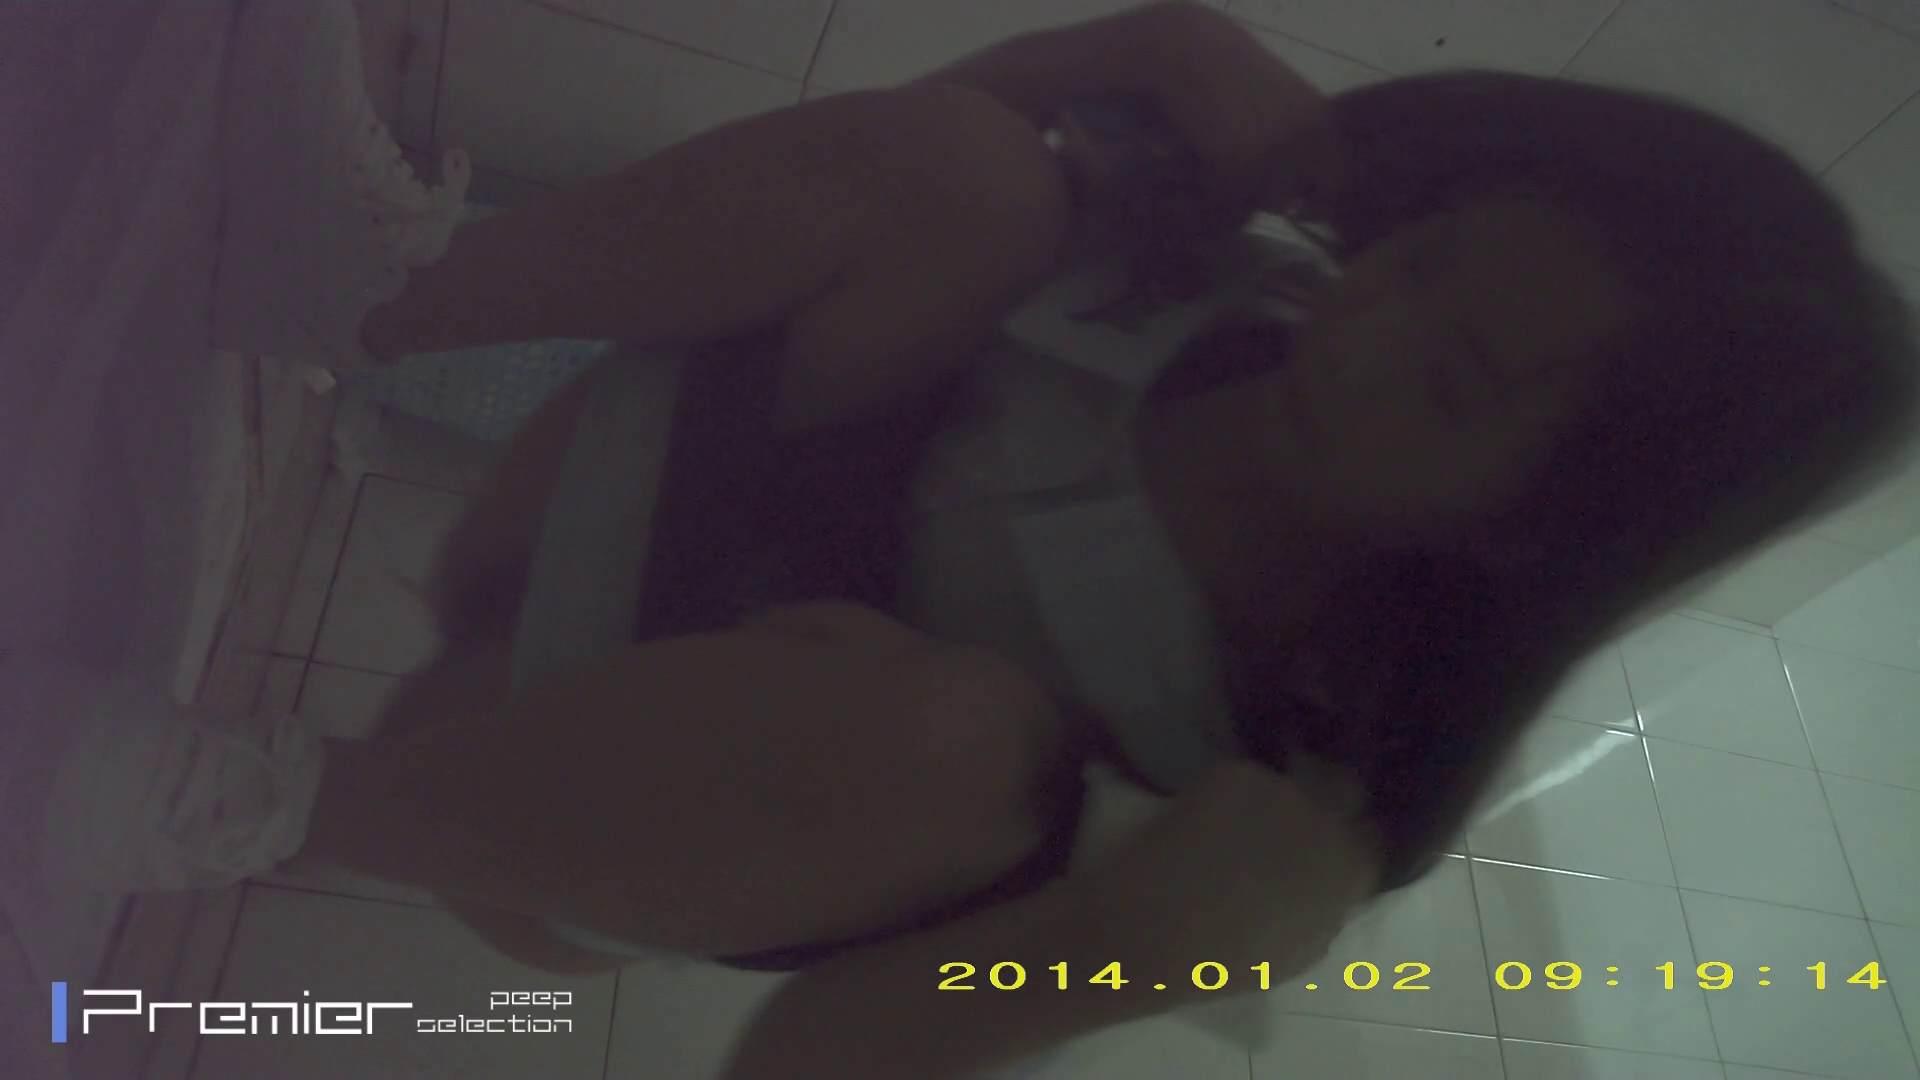 トイレシーンを密着盗撮!! 美女の痴態に密着!Vol.31 パンチラ のぞき動画キャプチャ 112pic 48